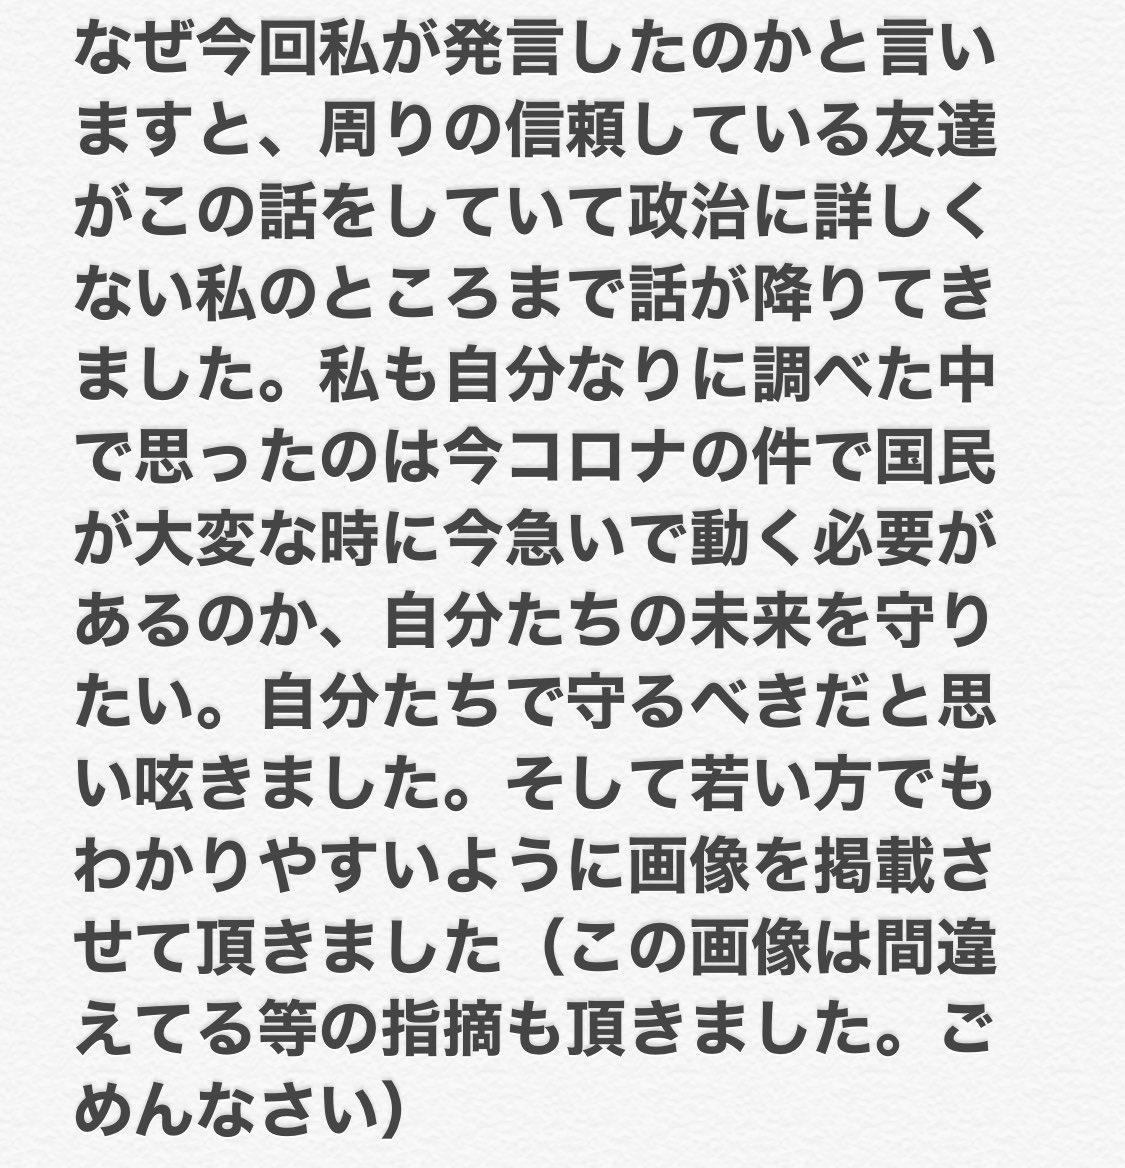 りー ぱみゅ ツイッター きゃ ぱみゅ きゃりぱみゅツイート「私メンヘラみたい…」 謝罪求める批判は「言葉狩り」なのか: